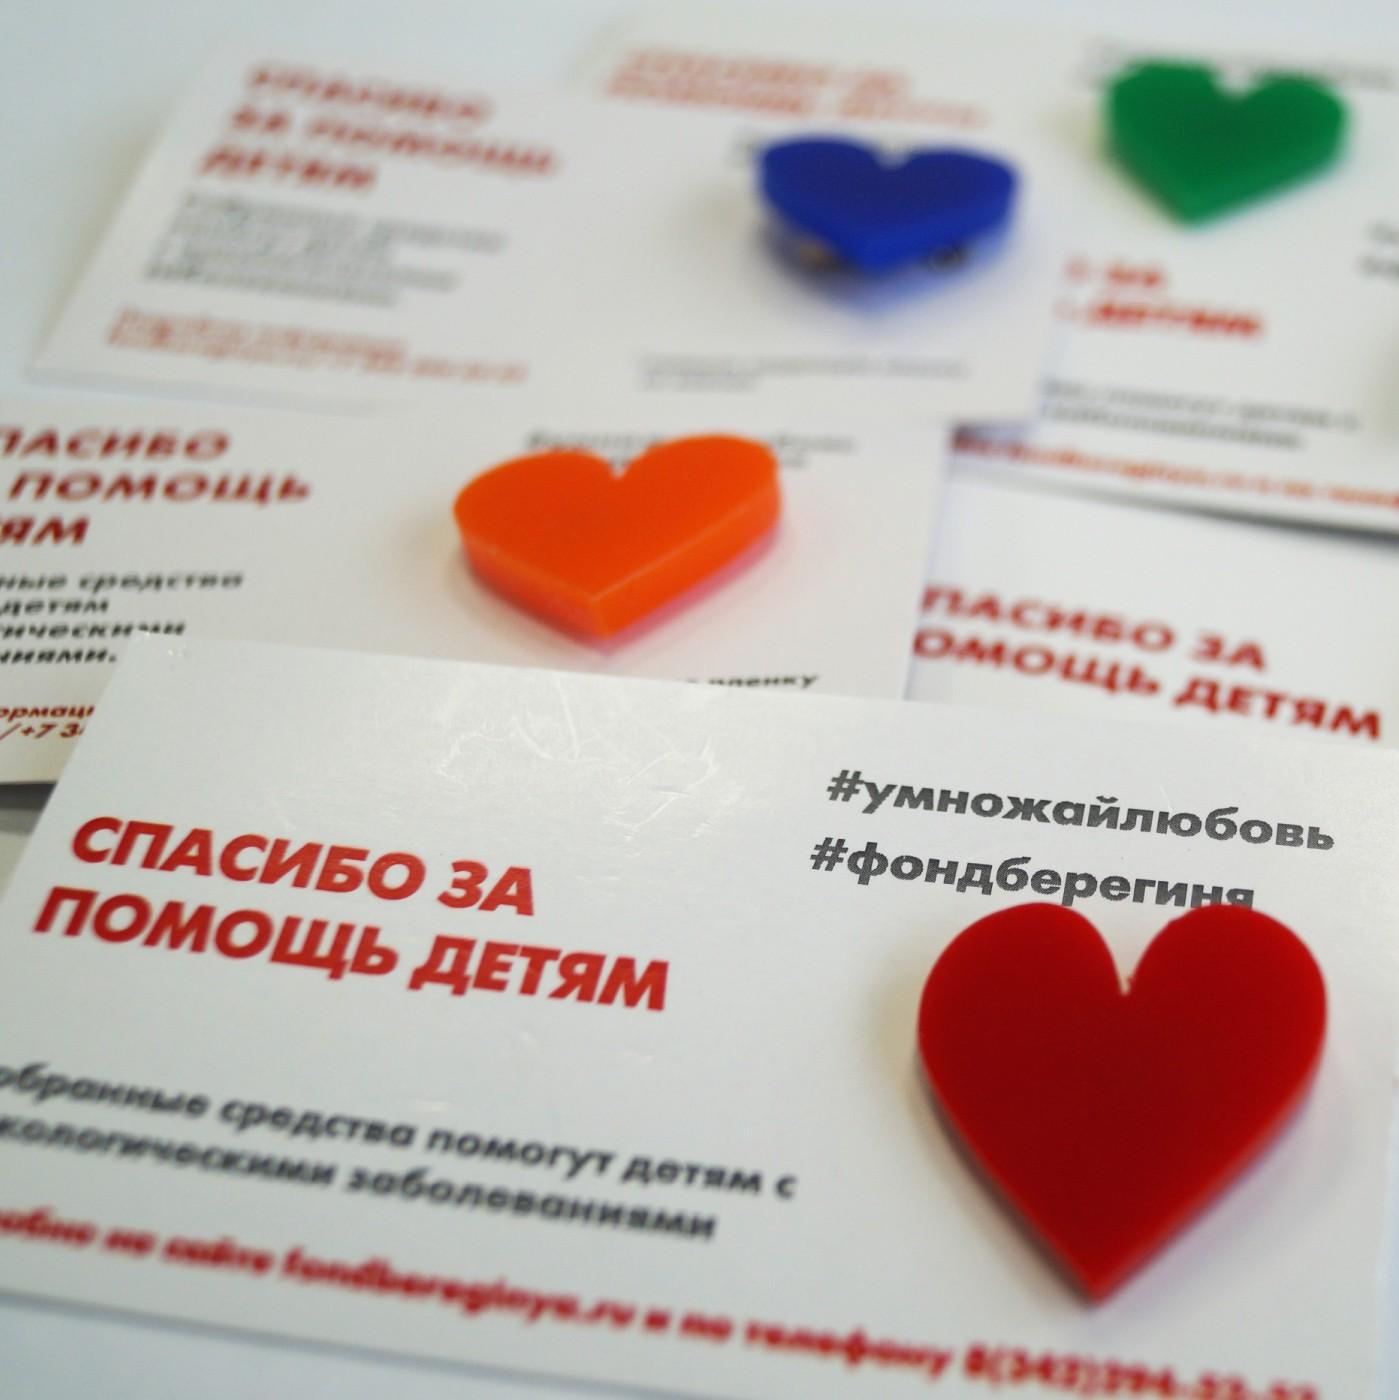 Участвуйте в акции #УмножайЛюбовь!